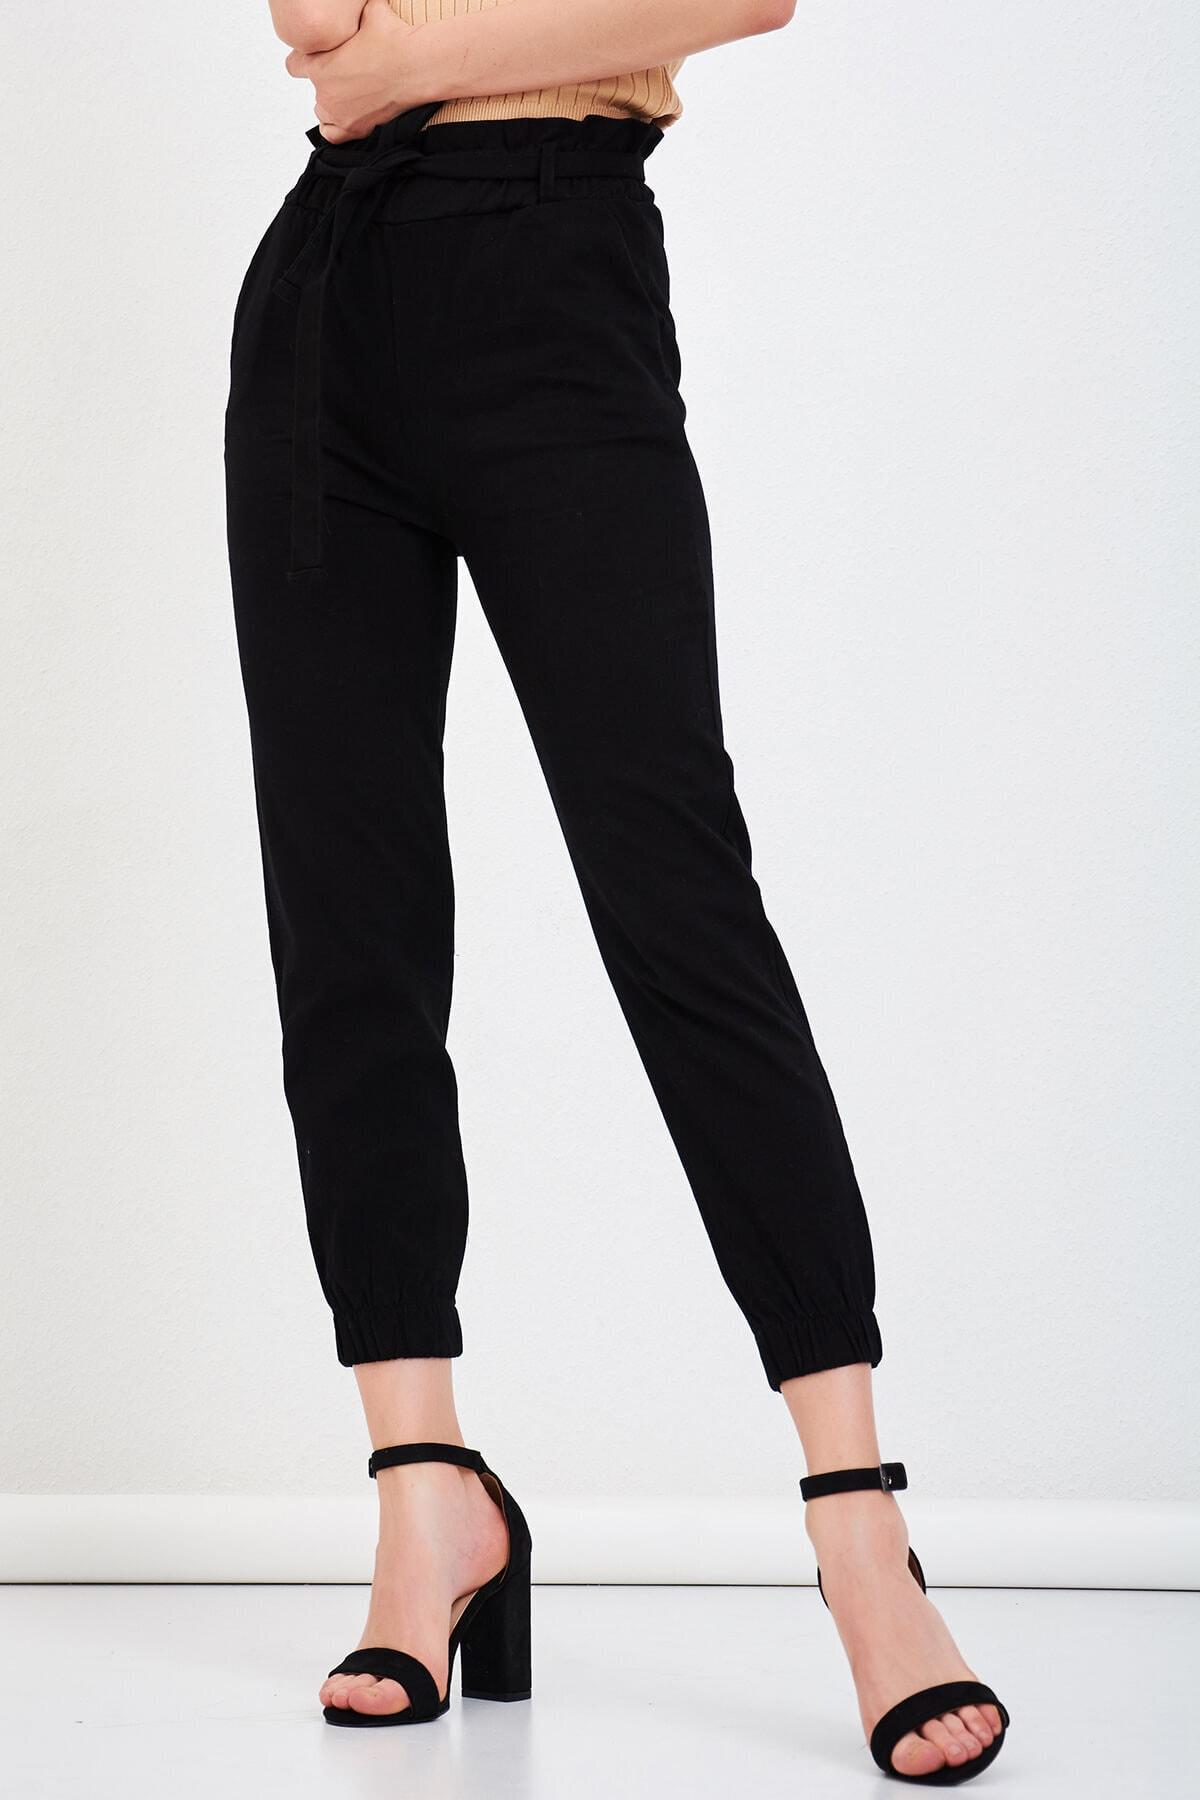 Mossta Kadın Siyah Bel Lastikli Gabardin Pantolon 1